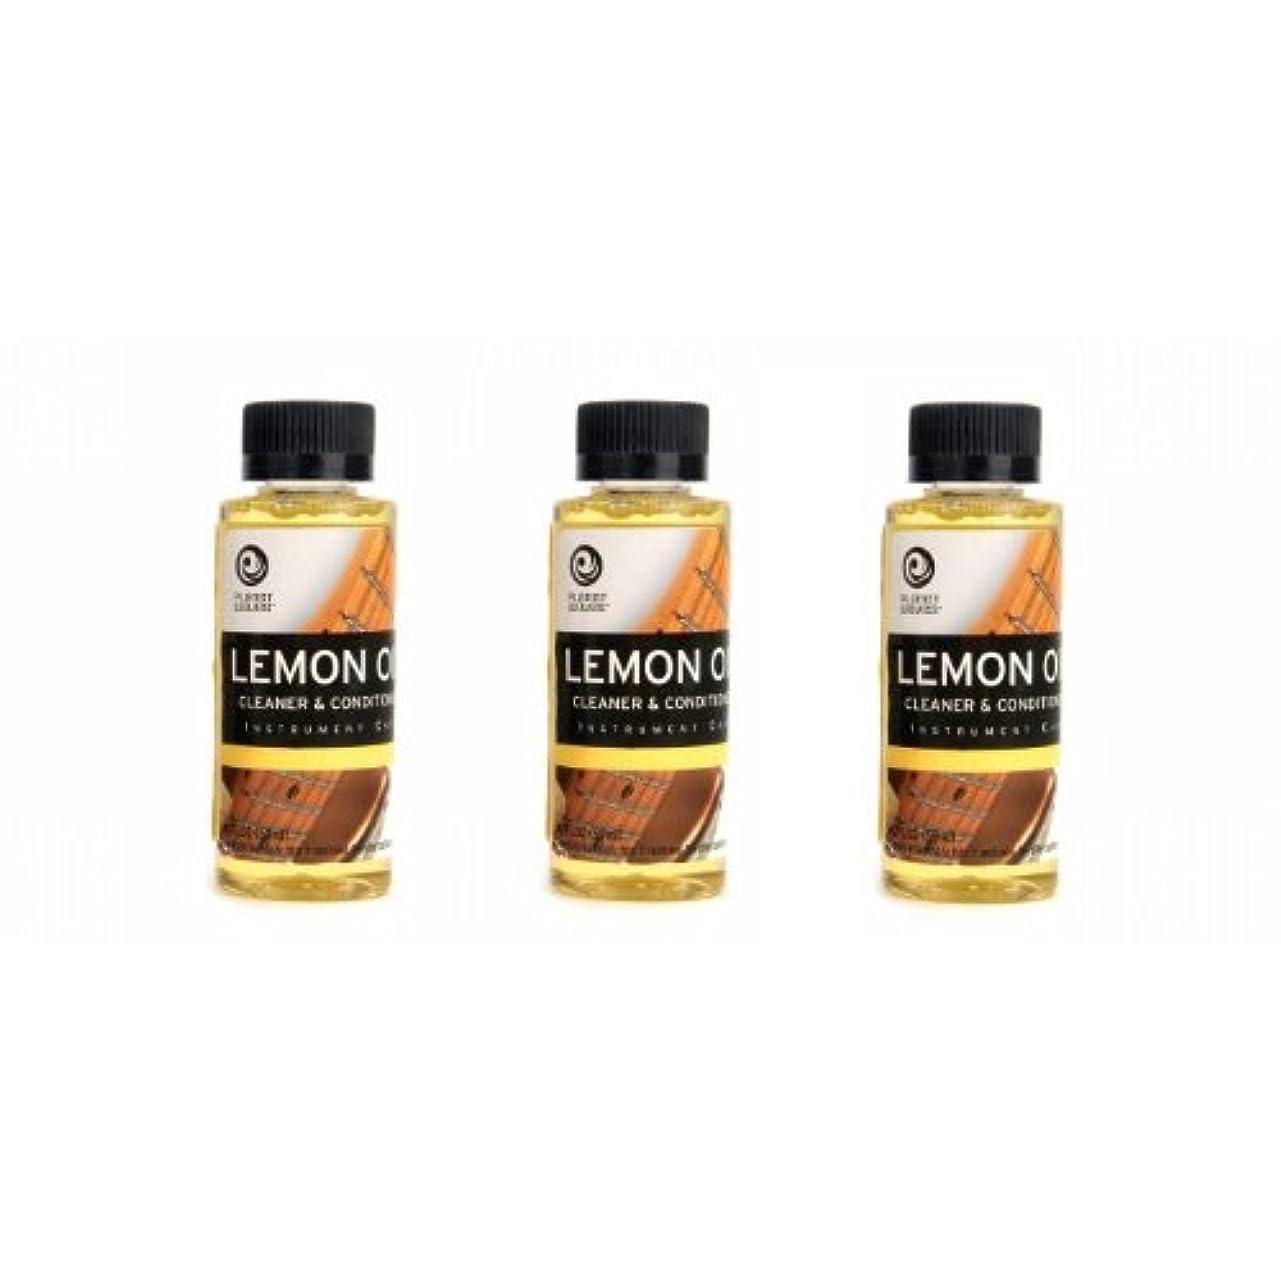 ひばりエンジニア環境PlanetWaves レモンオイル PW-LMN Lemon Oil 3個セット